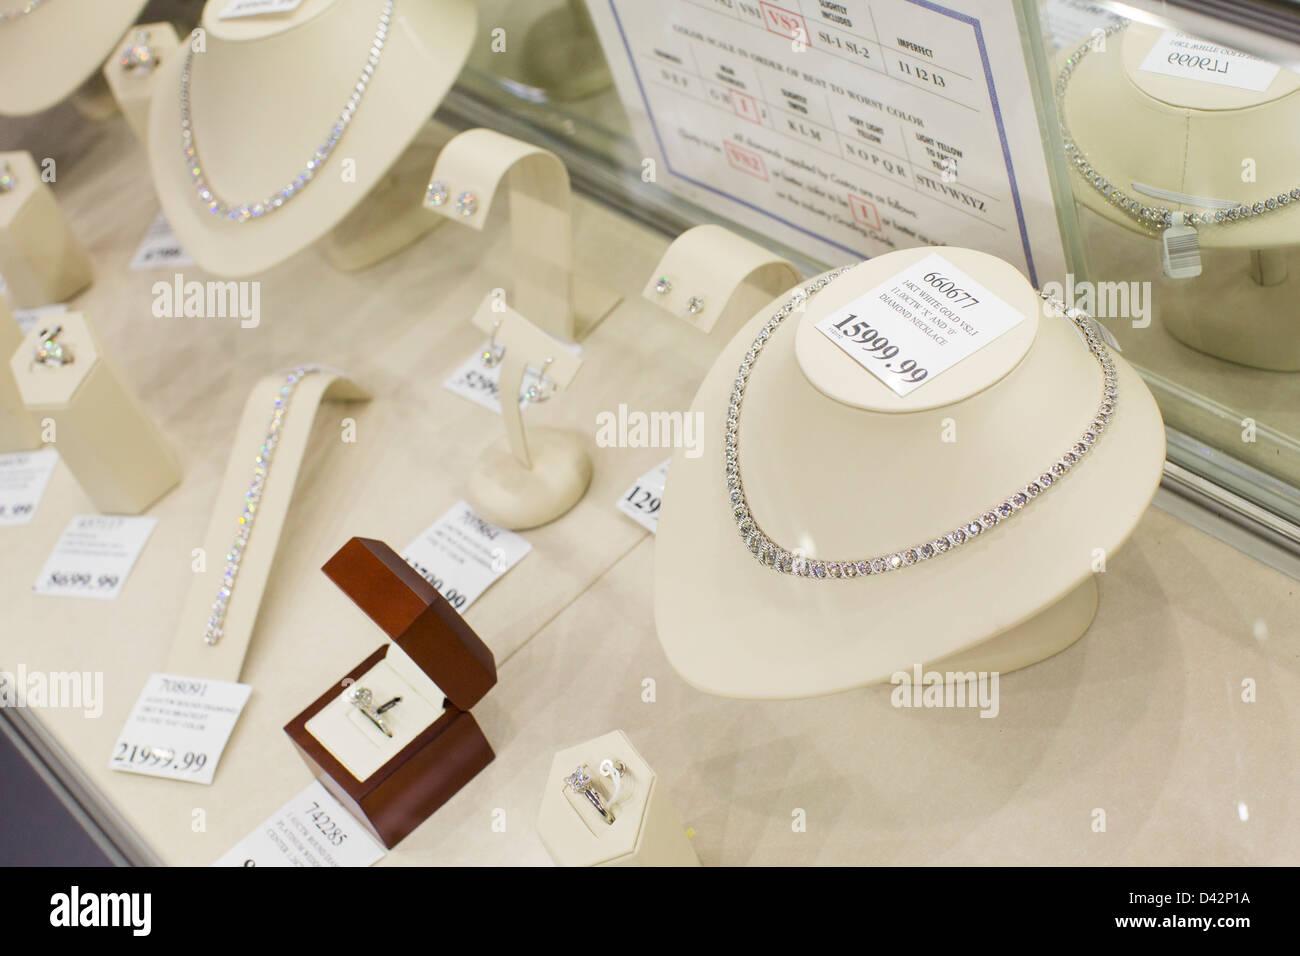 Joyas de diamantes en la pantalla en un Costco Wholesale Warehouse Club. Imagen De Stock